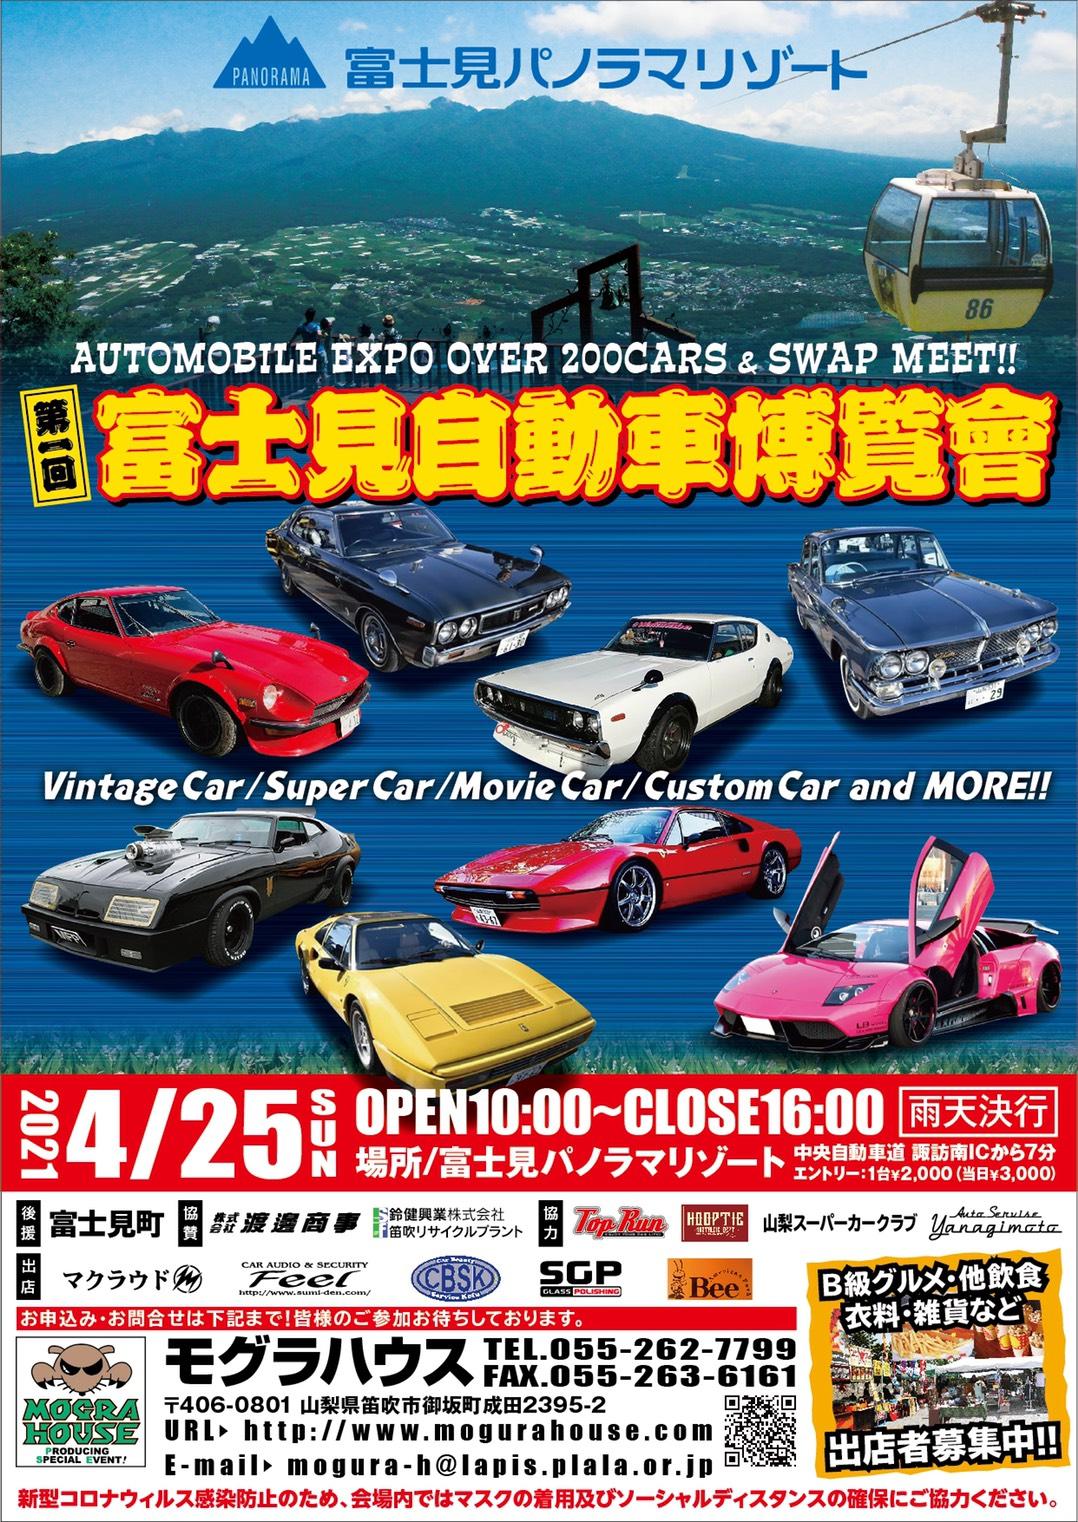 第1回富士見自動車博覧会